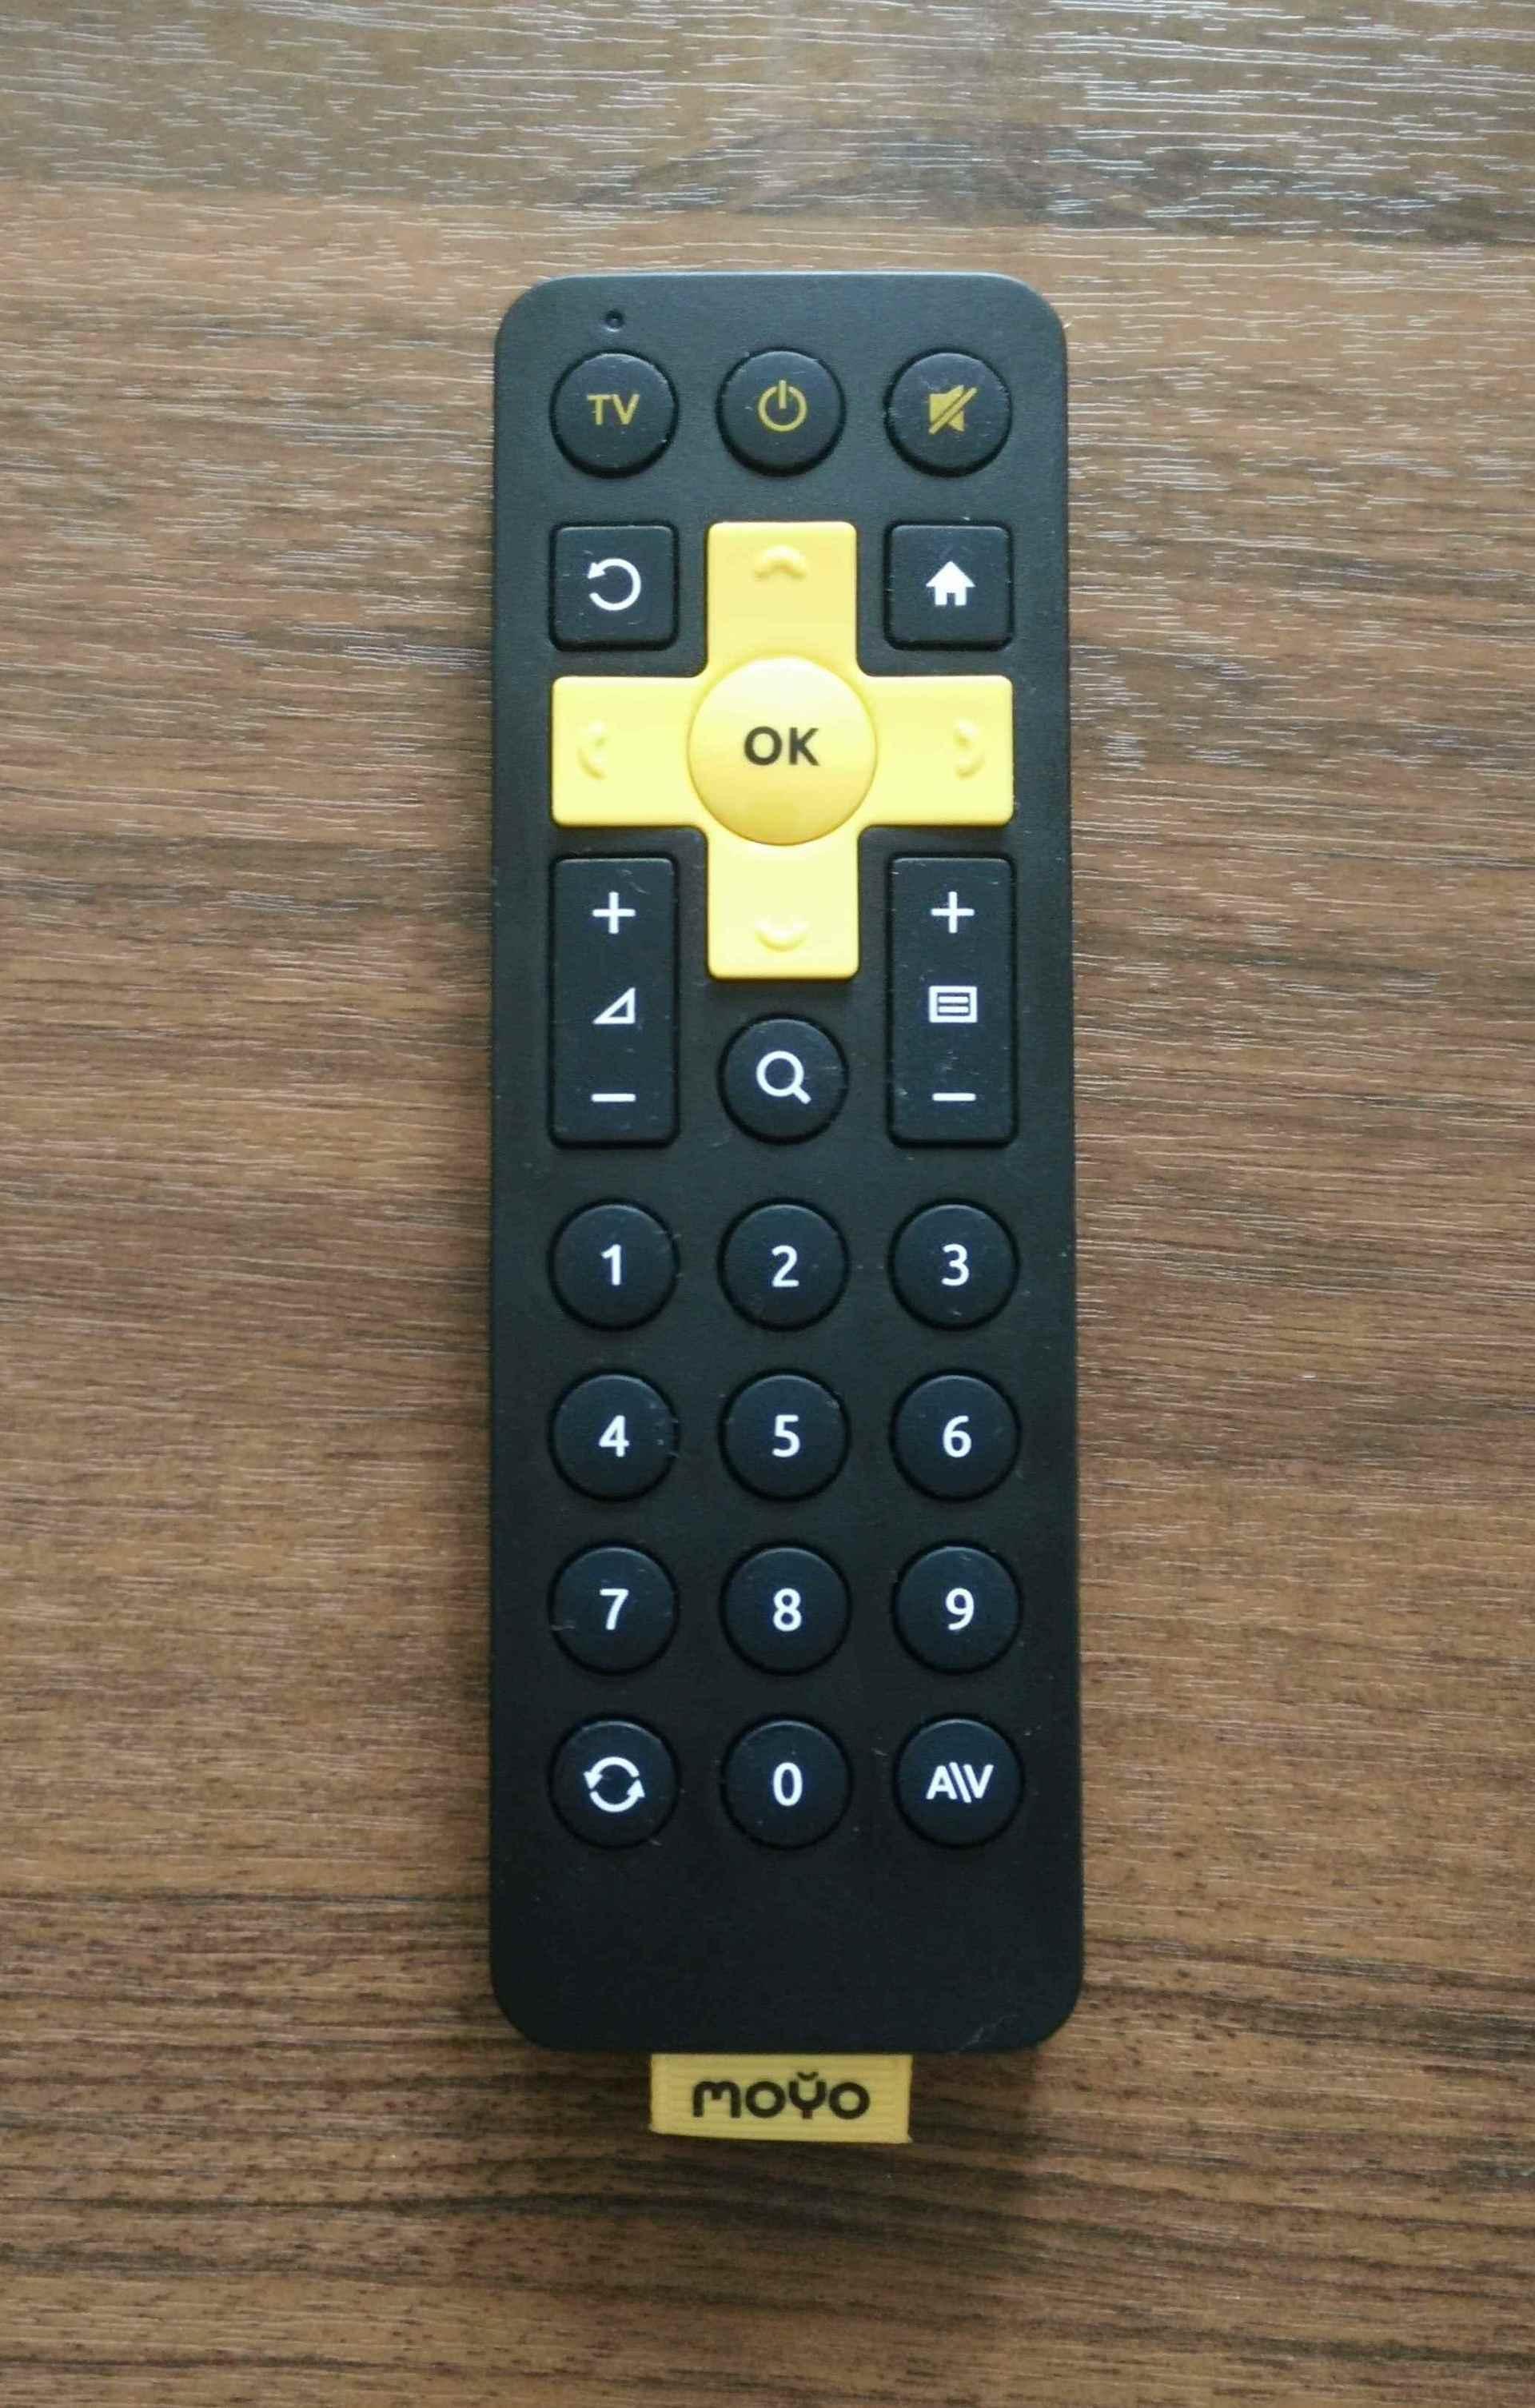 MOYO WOW — ТВ тоже может быть с интеллектом - 16